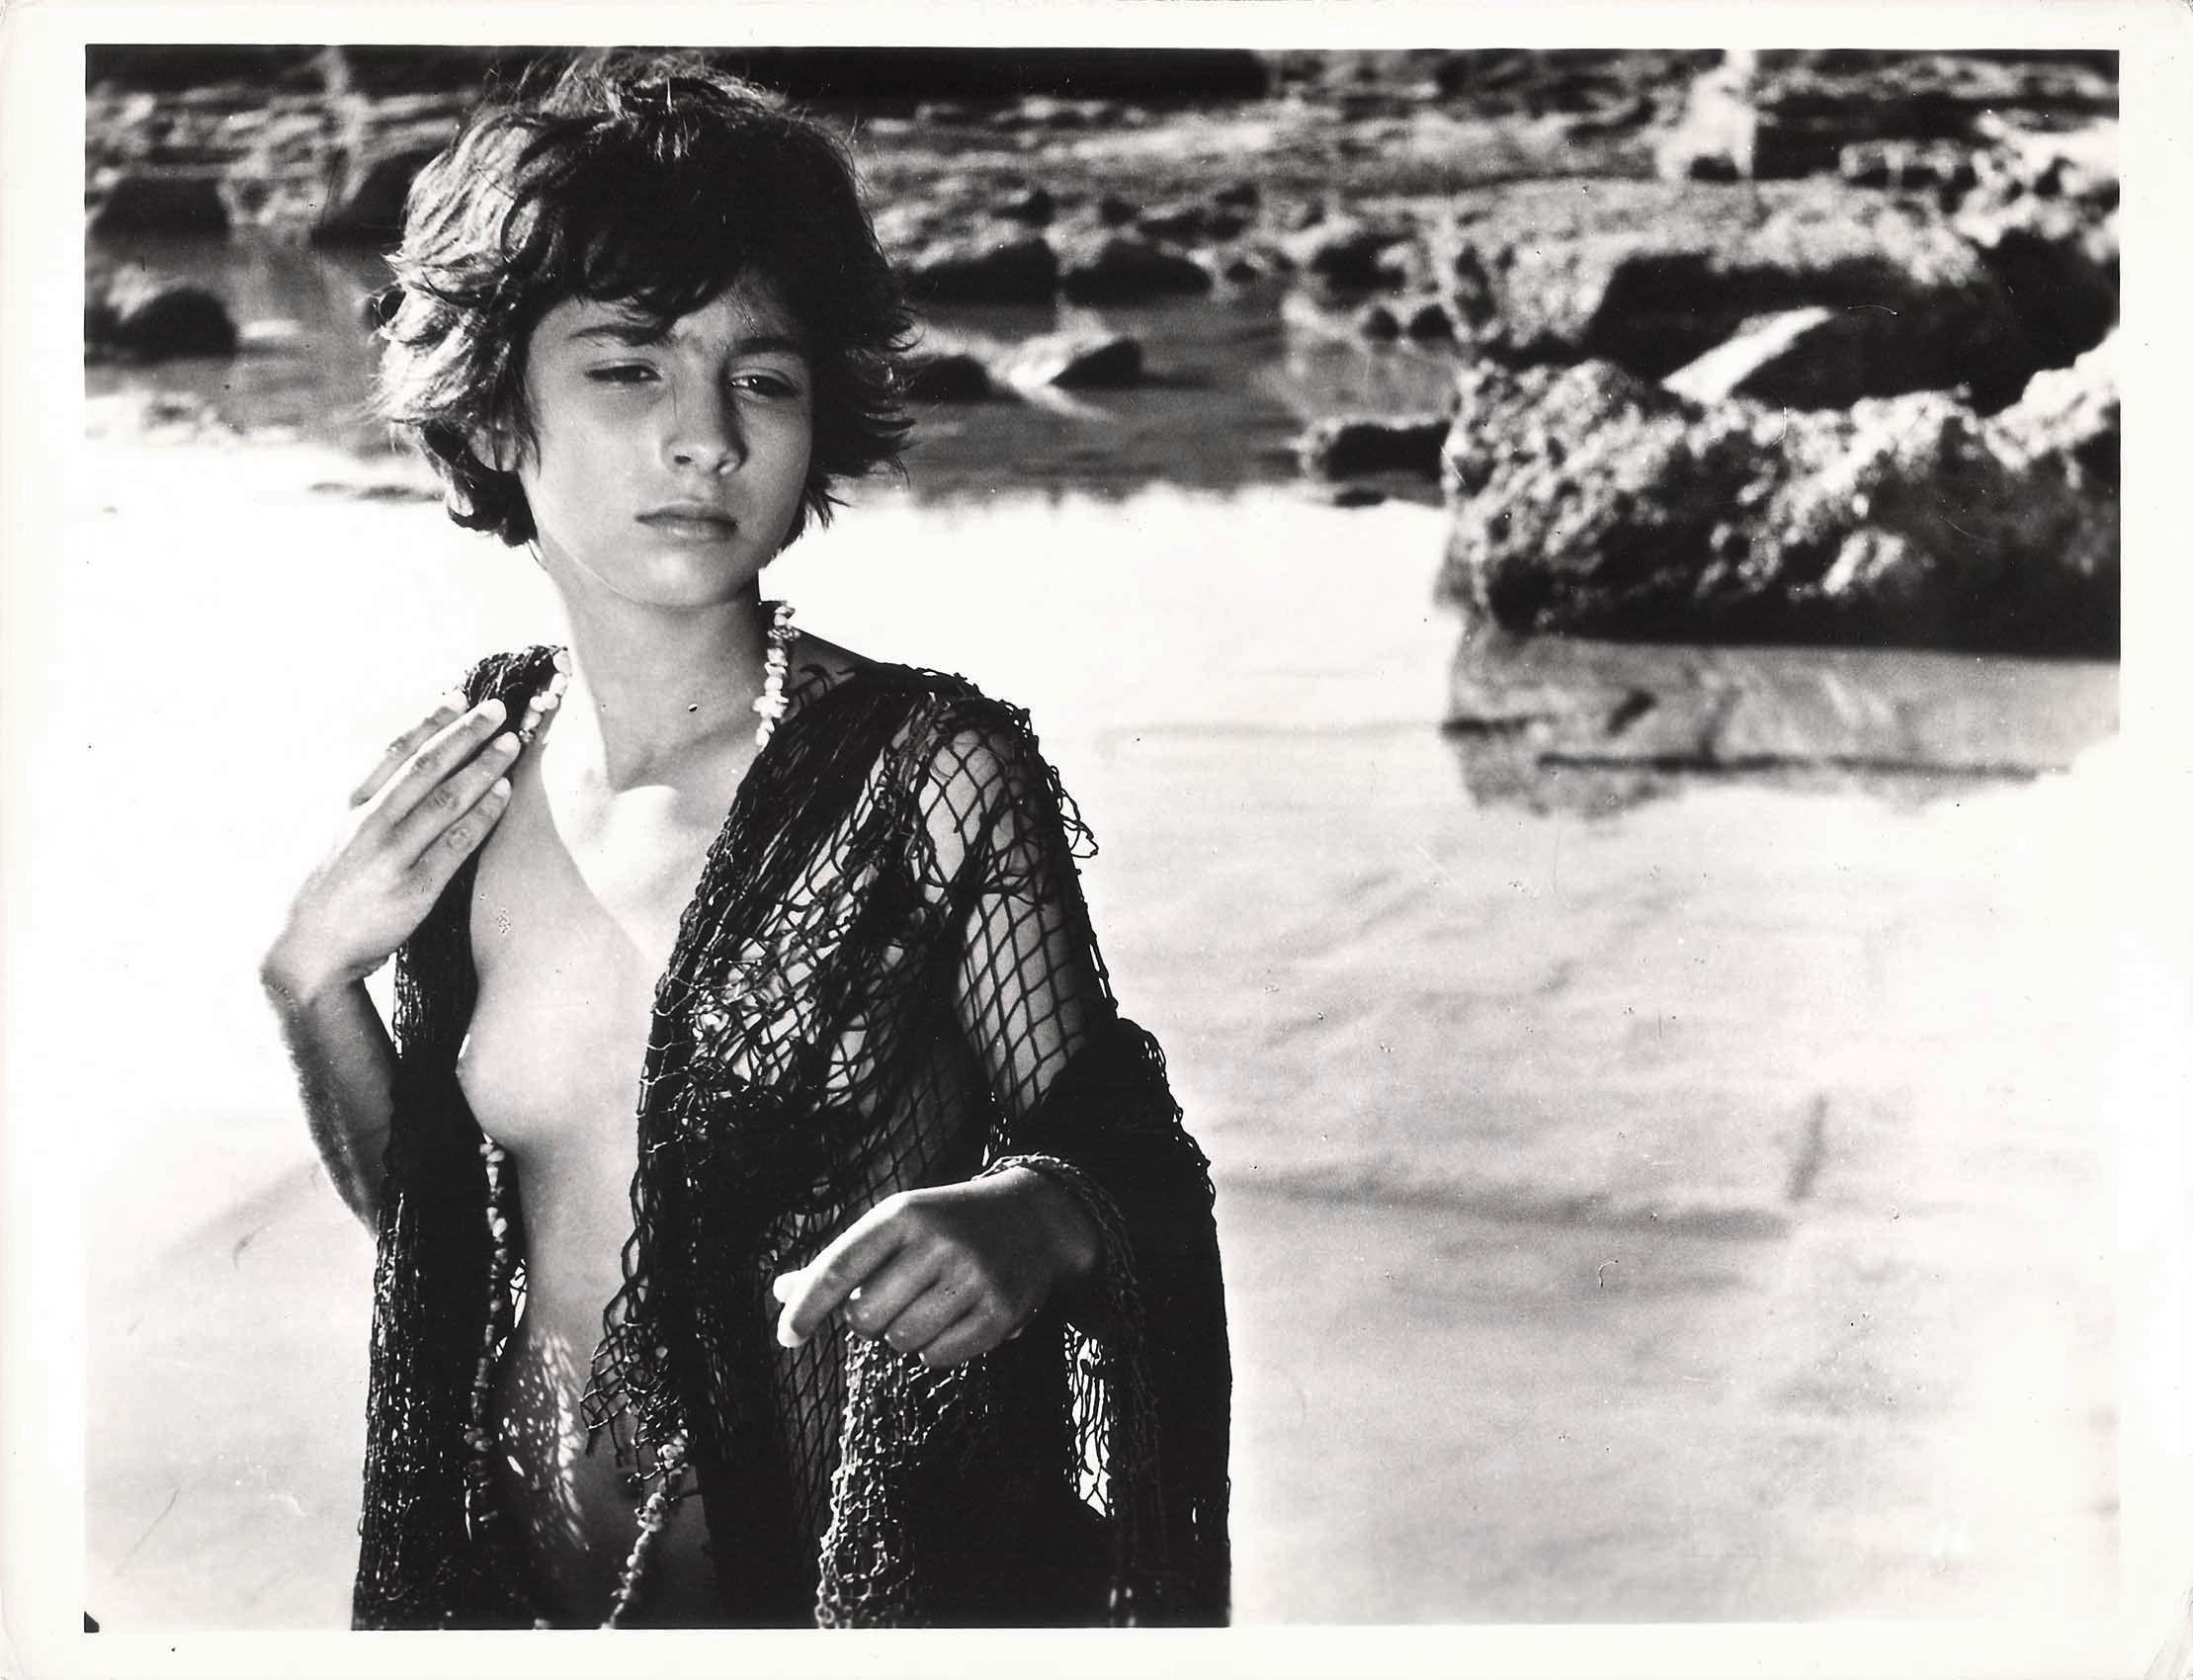 Communication on this topic: Katya Virshilas, domiziana-giordano-born-1959/